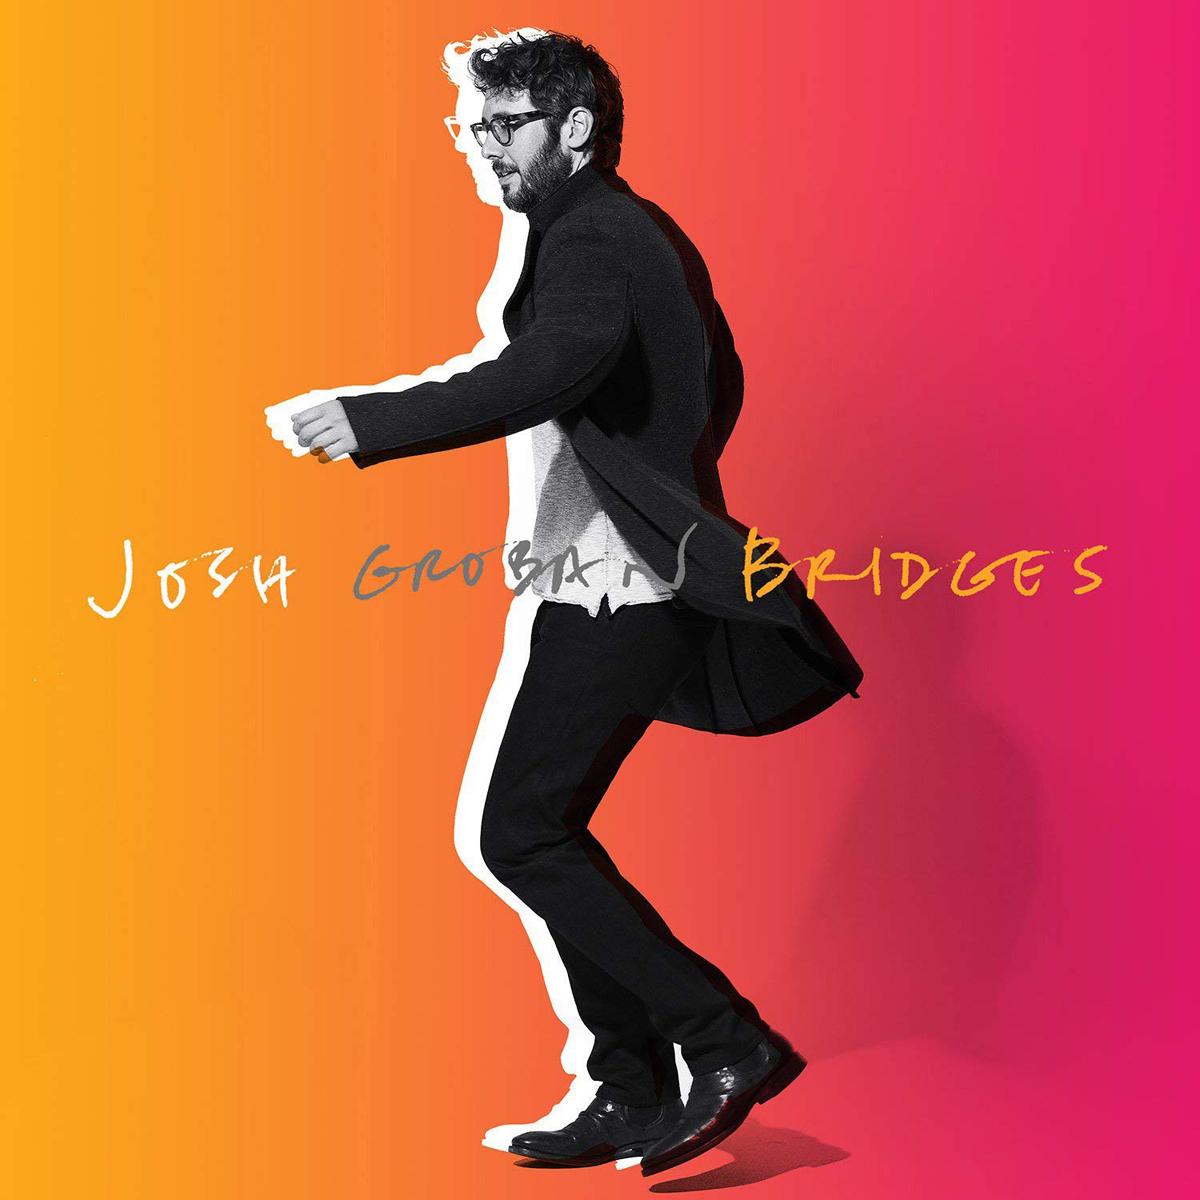 Джош Гробан Josh Groban. Bridges (LP) leon bridges leon bridges good thing lp